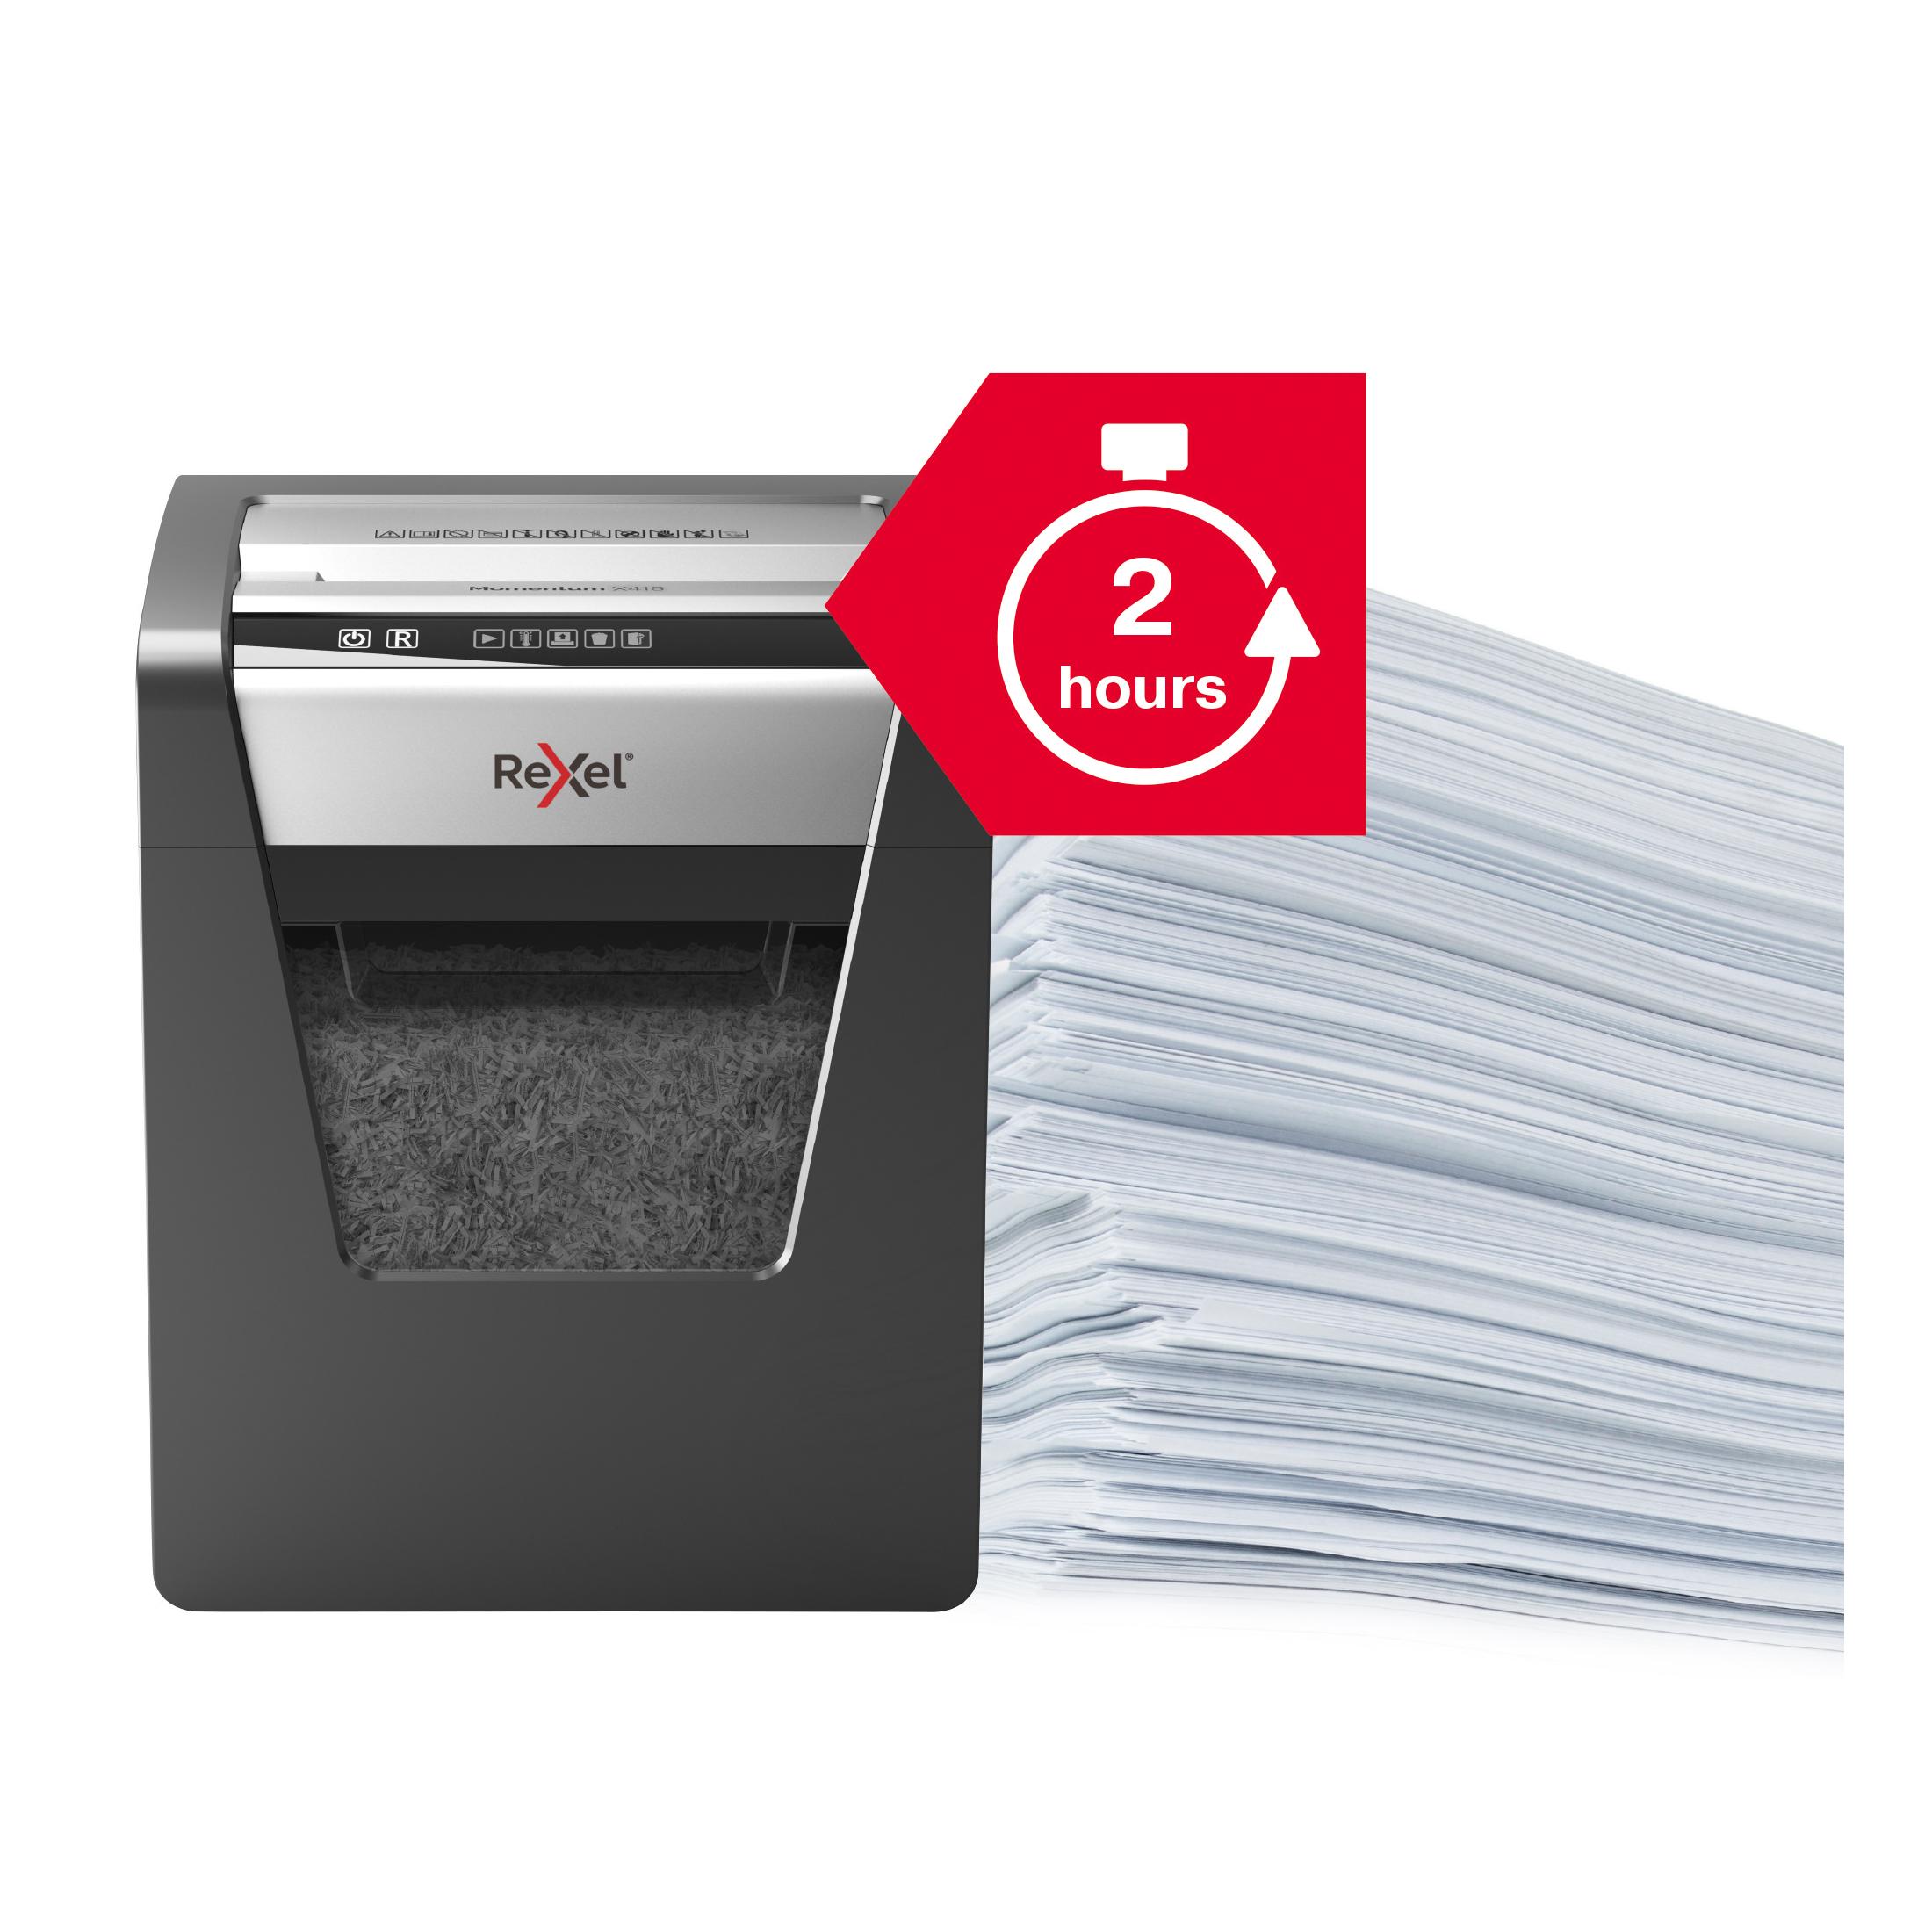 Rexel Momentum X415 CC Paper Shredder P4 Cross Cut 23L Anti-Jamming Ref 2104576 [REDEMPTION] Oct-Dec19